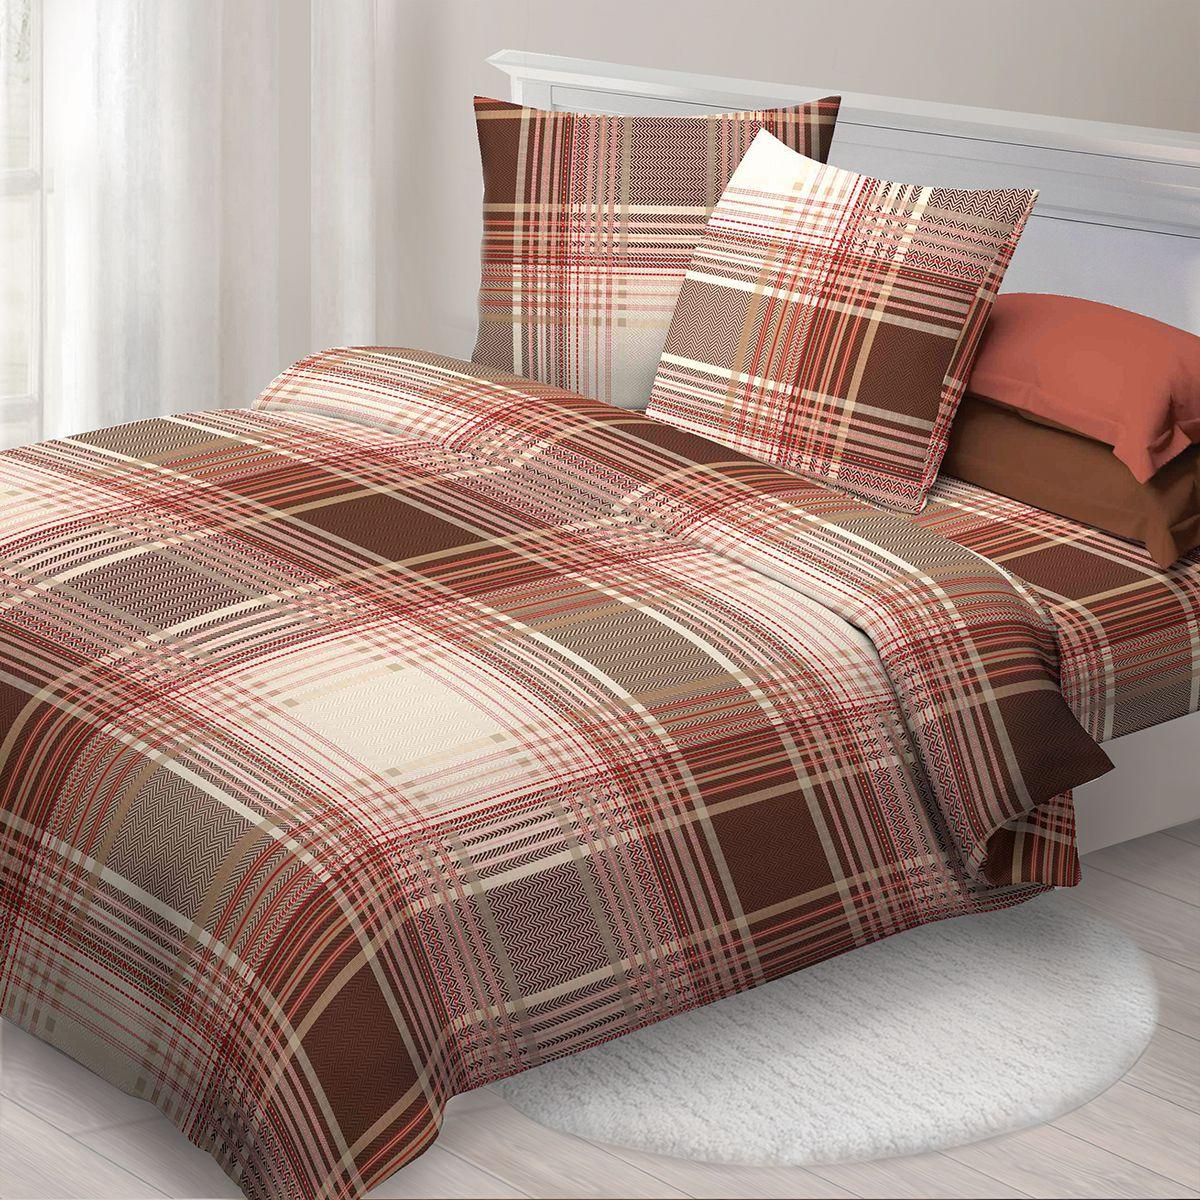 Комплект белья Спал Спалыч Твид , 1,5 спальное, наволочки 70x70, цвет: коричневый. 3569-182447